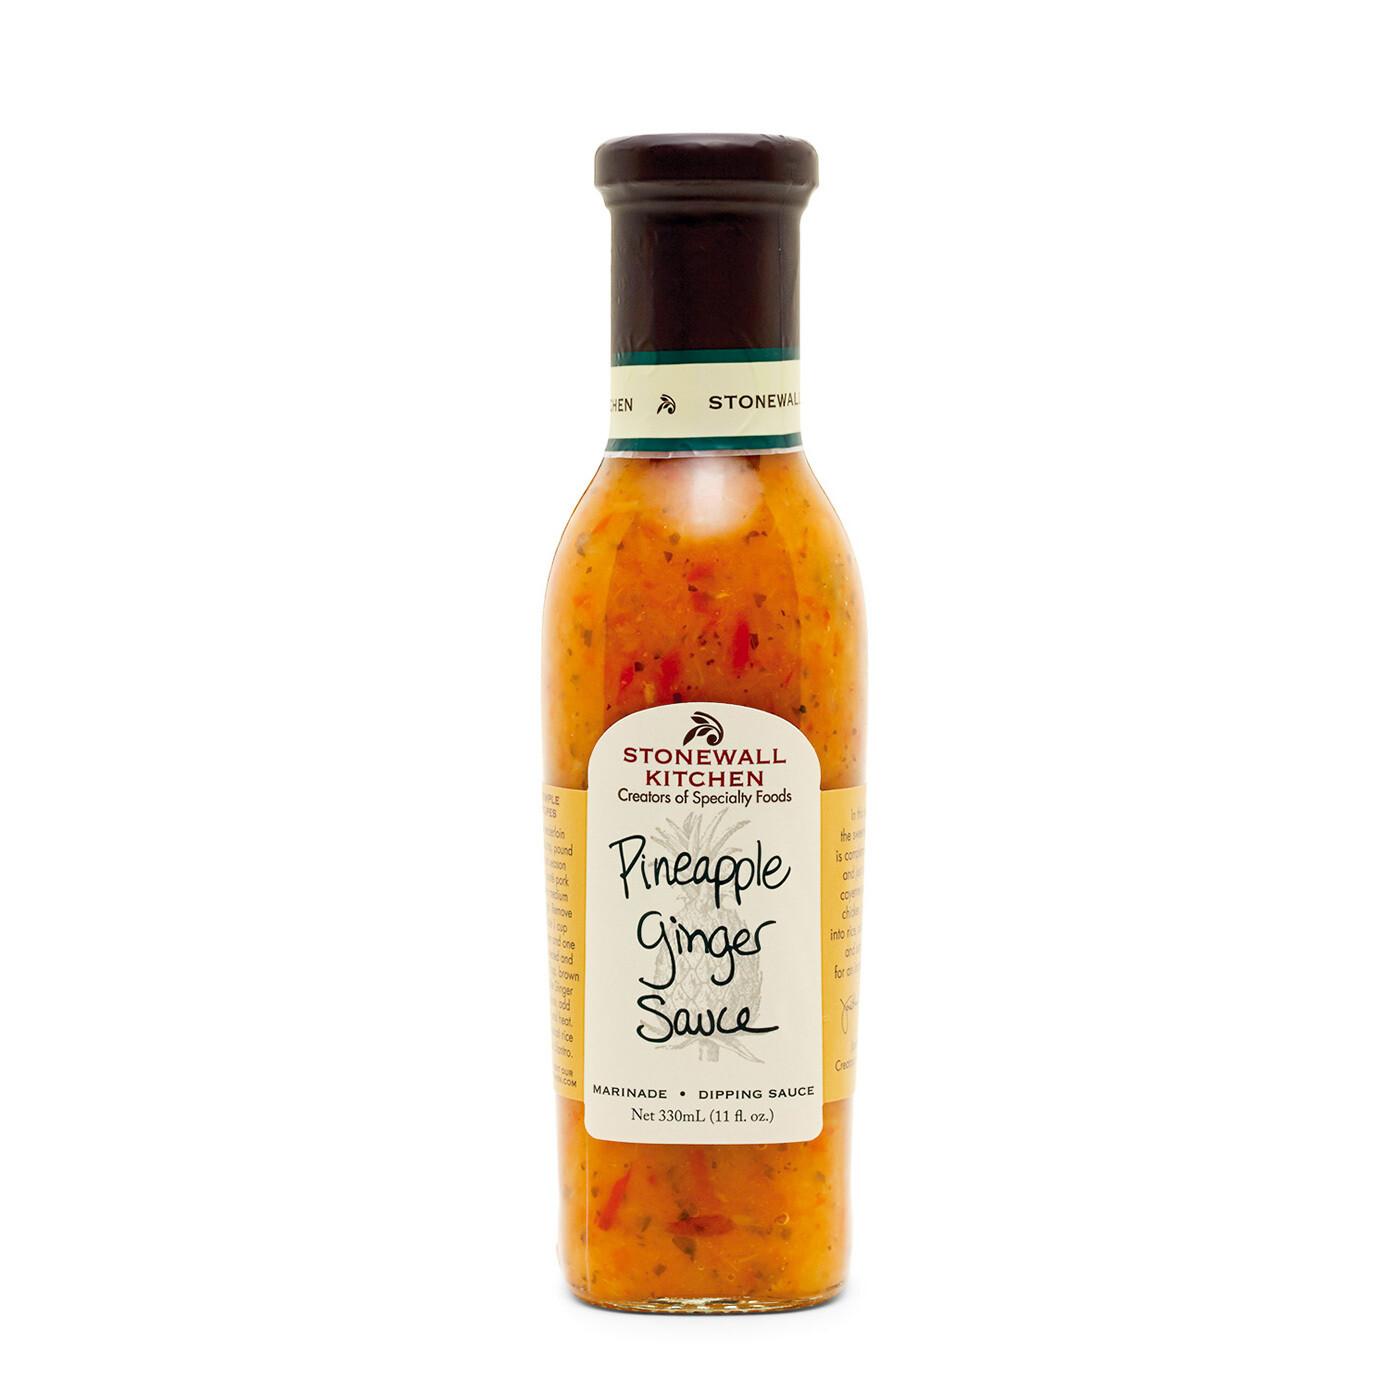 Pineapple Ginger Sauce